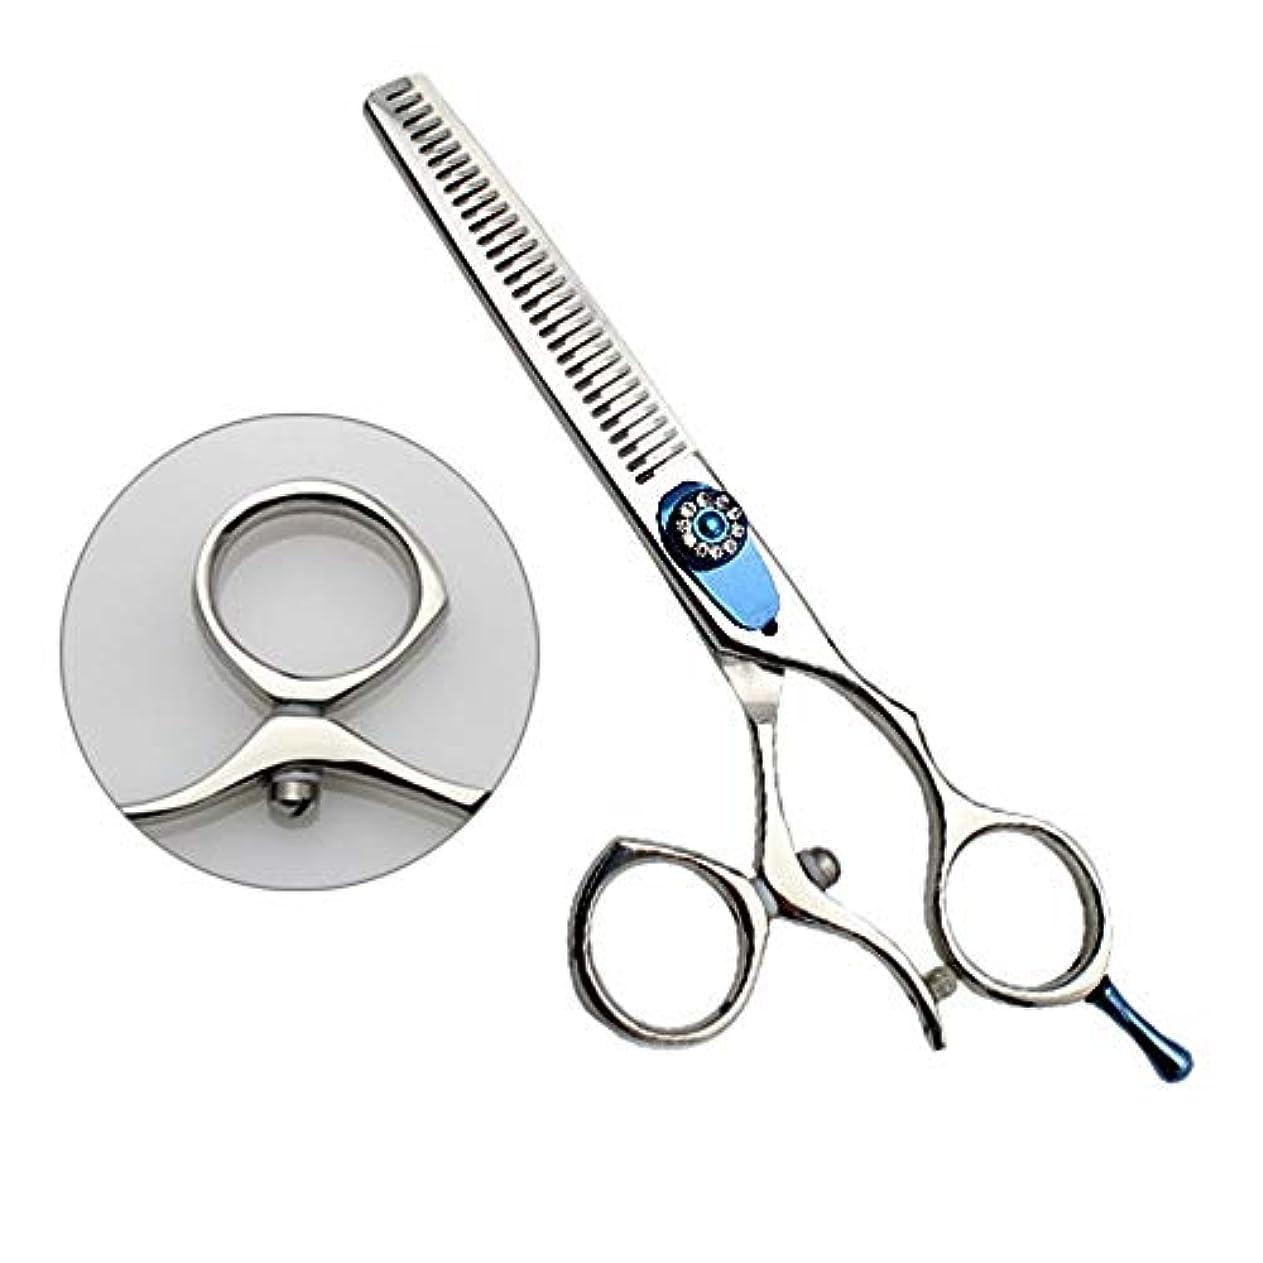 安定しました検査傾斜Jiaoran 6インチ美容院プロの理髪はさみ、歯はさみ回転リング (Color : Blue)